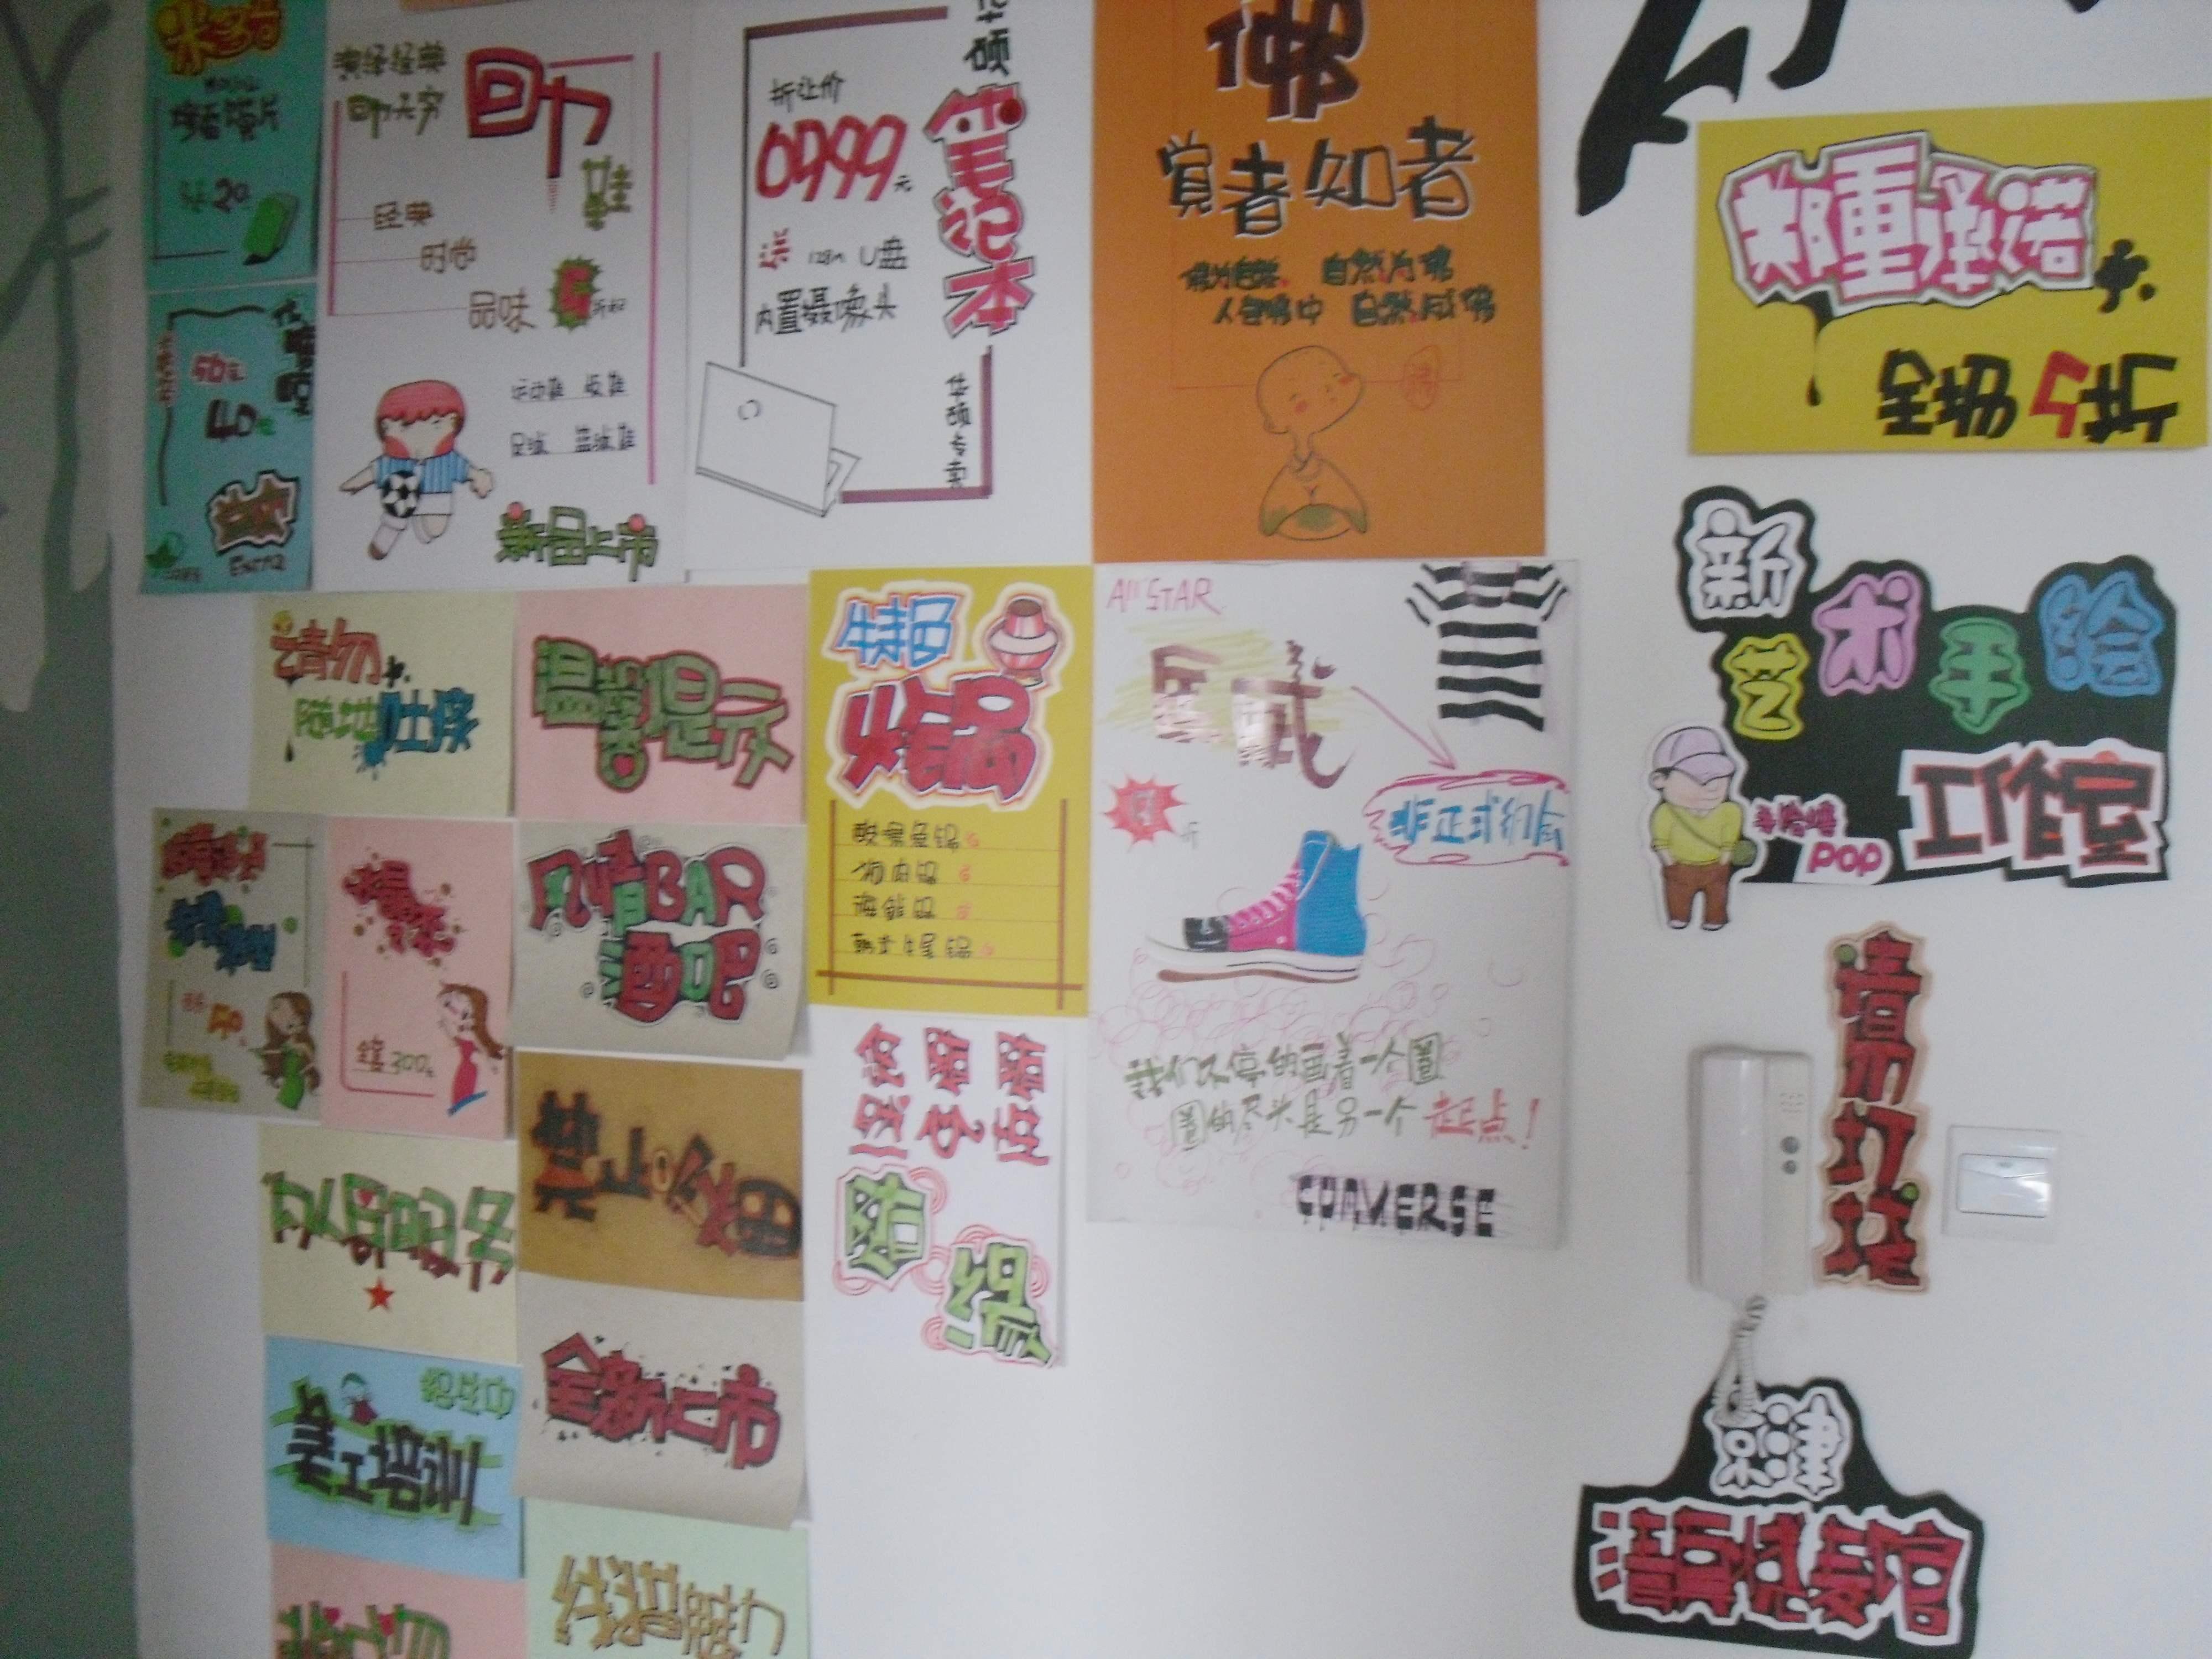 com 幼儿园 pop海报图片 幼儿园 pop海报素材  pop幼儿园 手绘 宽333x